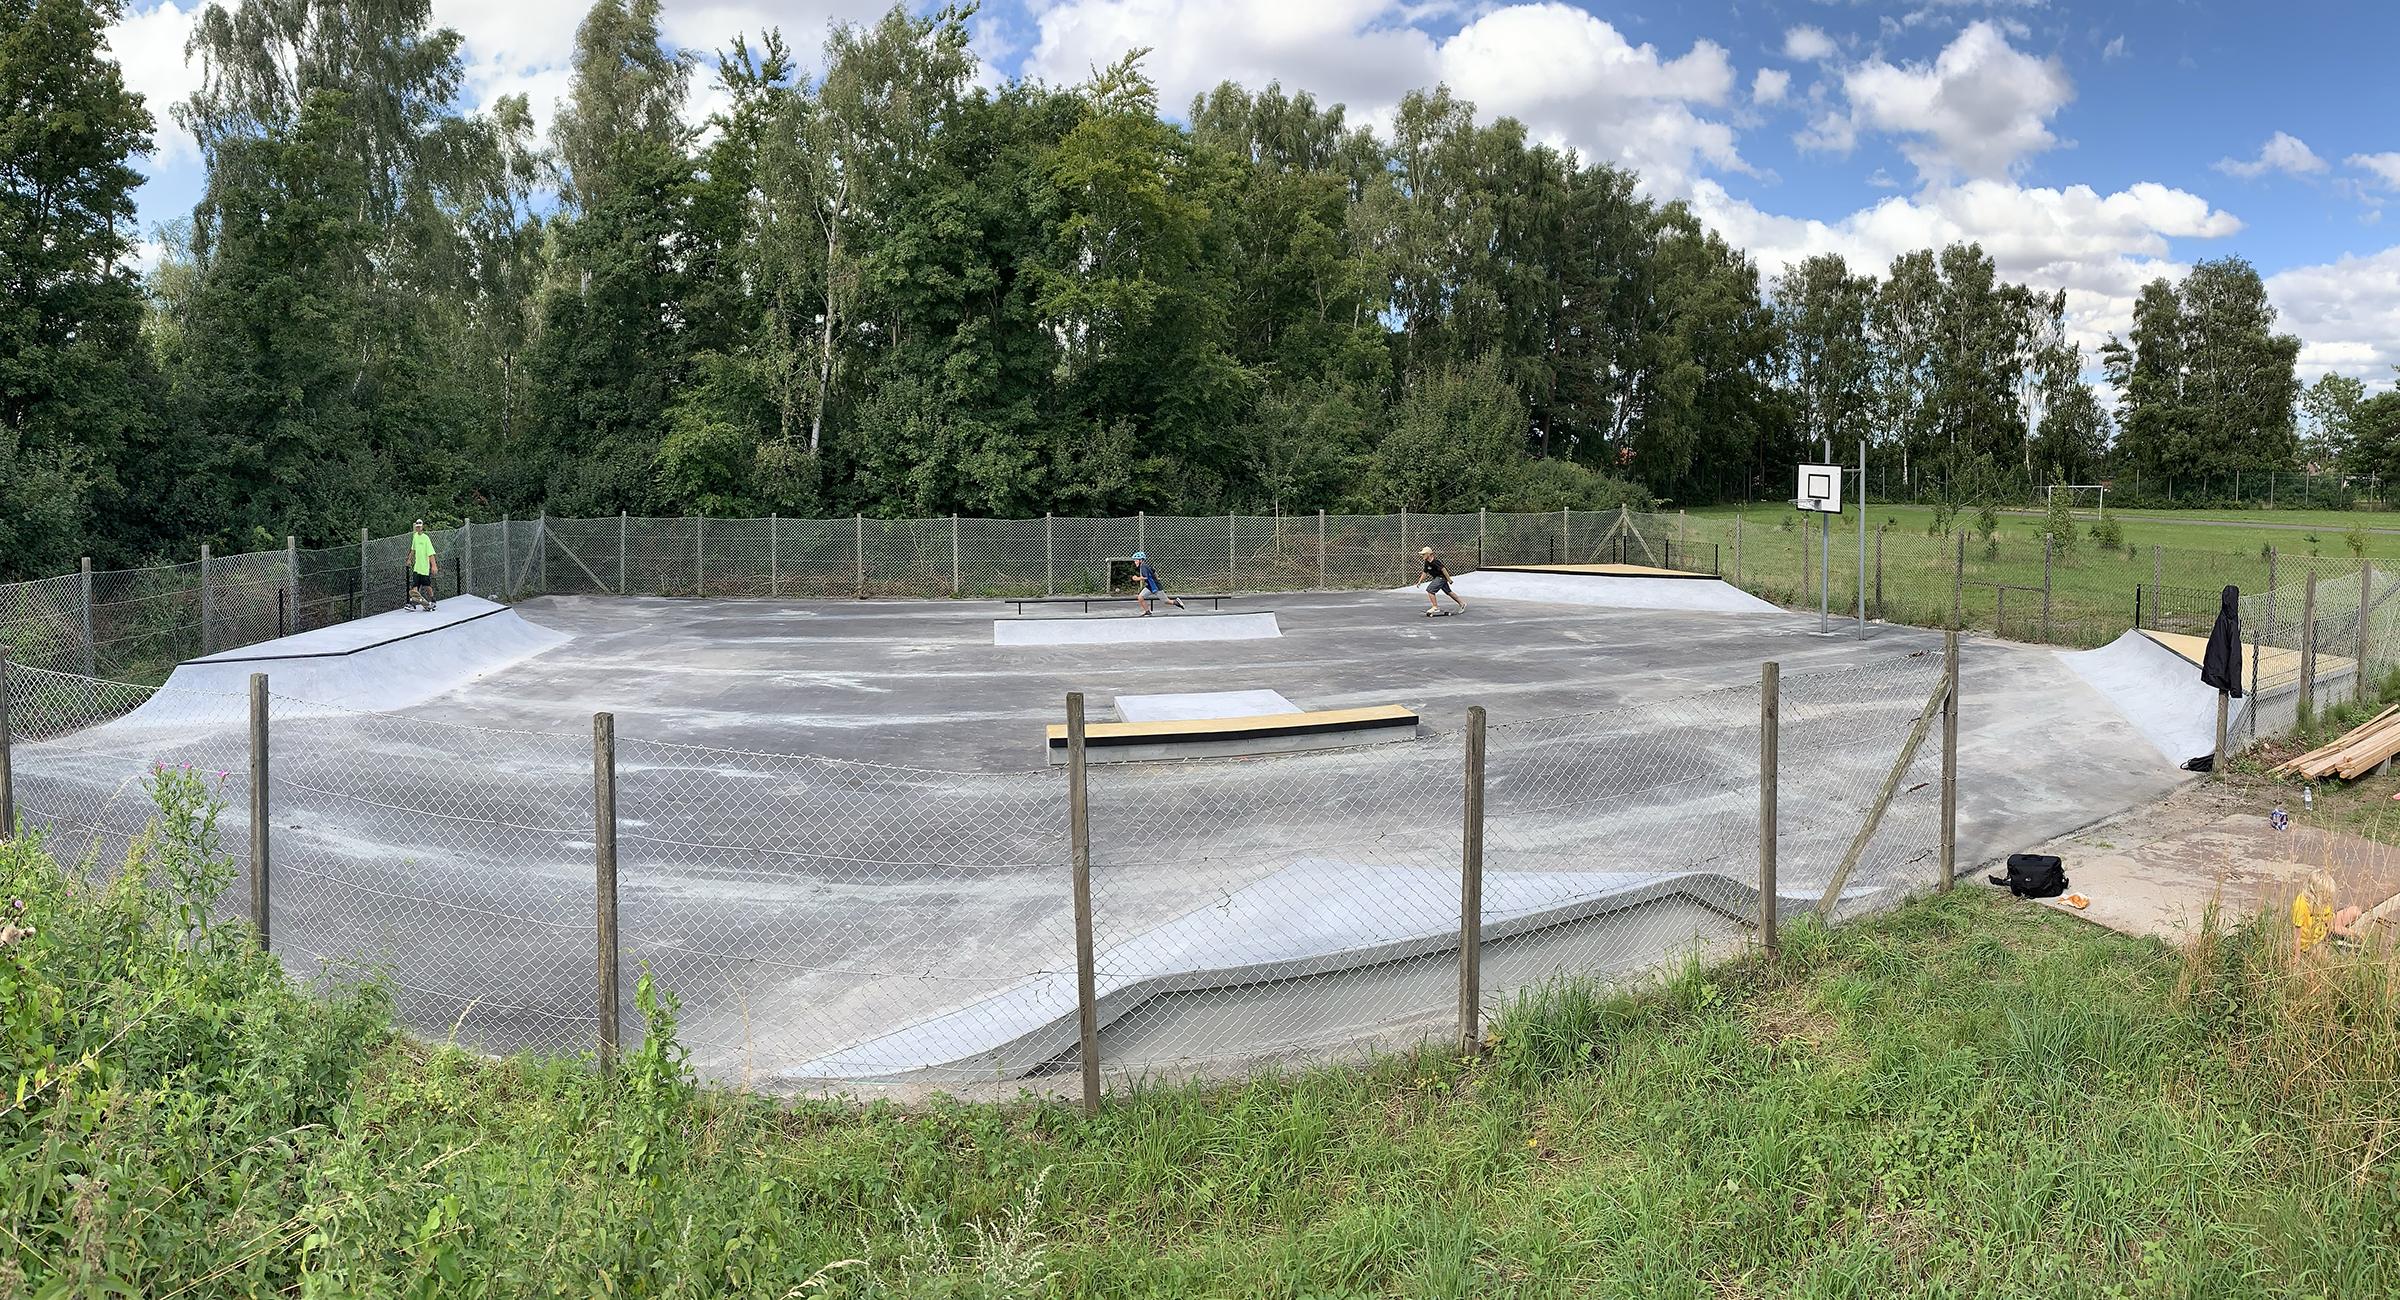 Her ses en indhegnet og asfalteret grund med små skateboardramper i beton